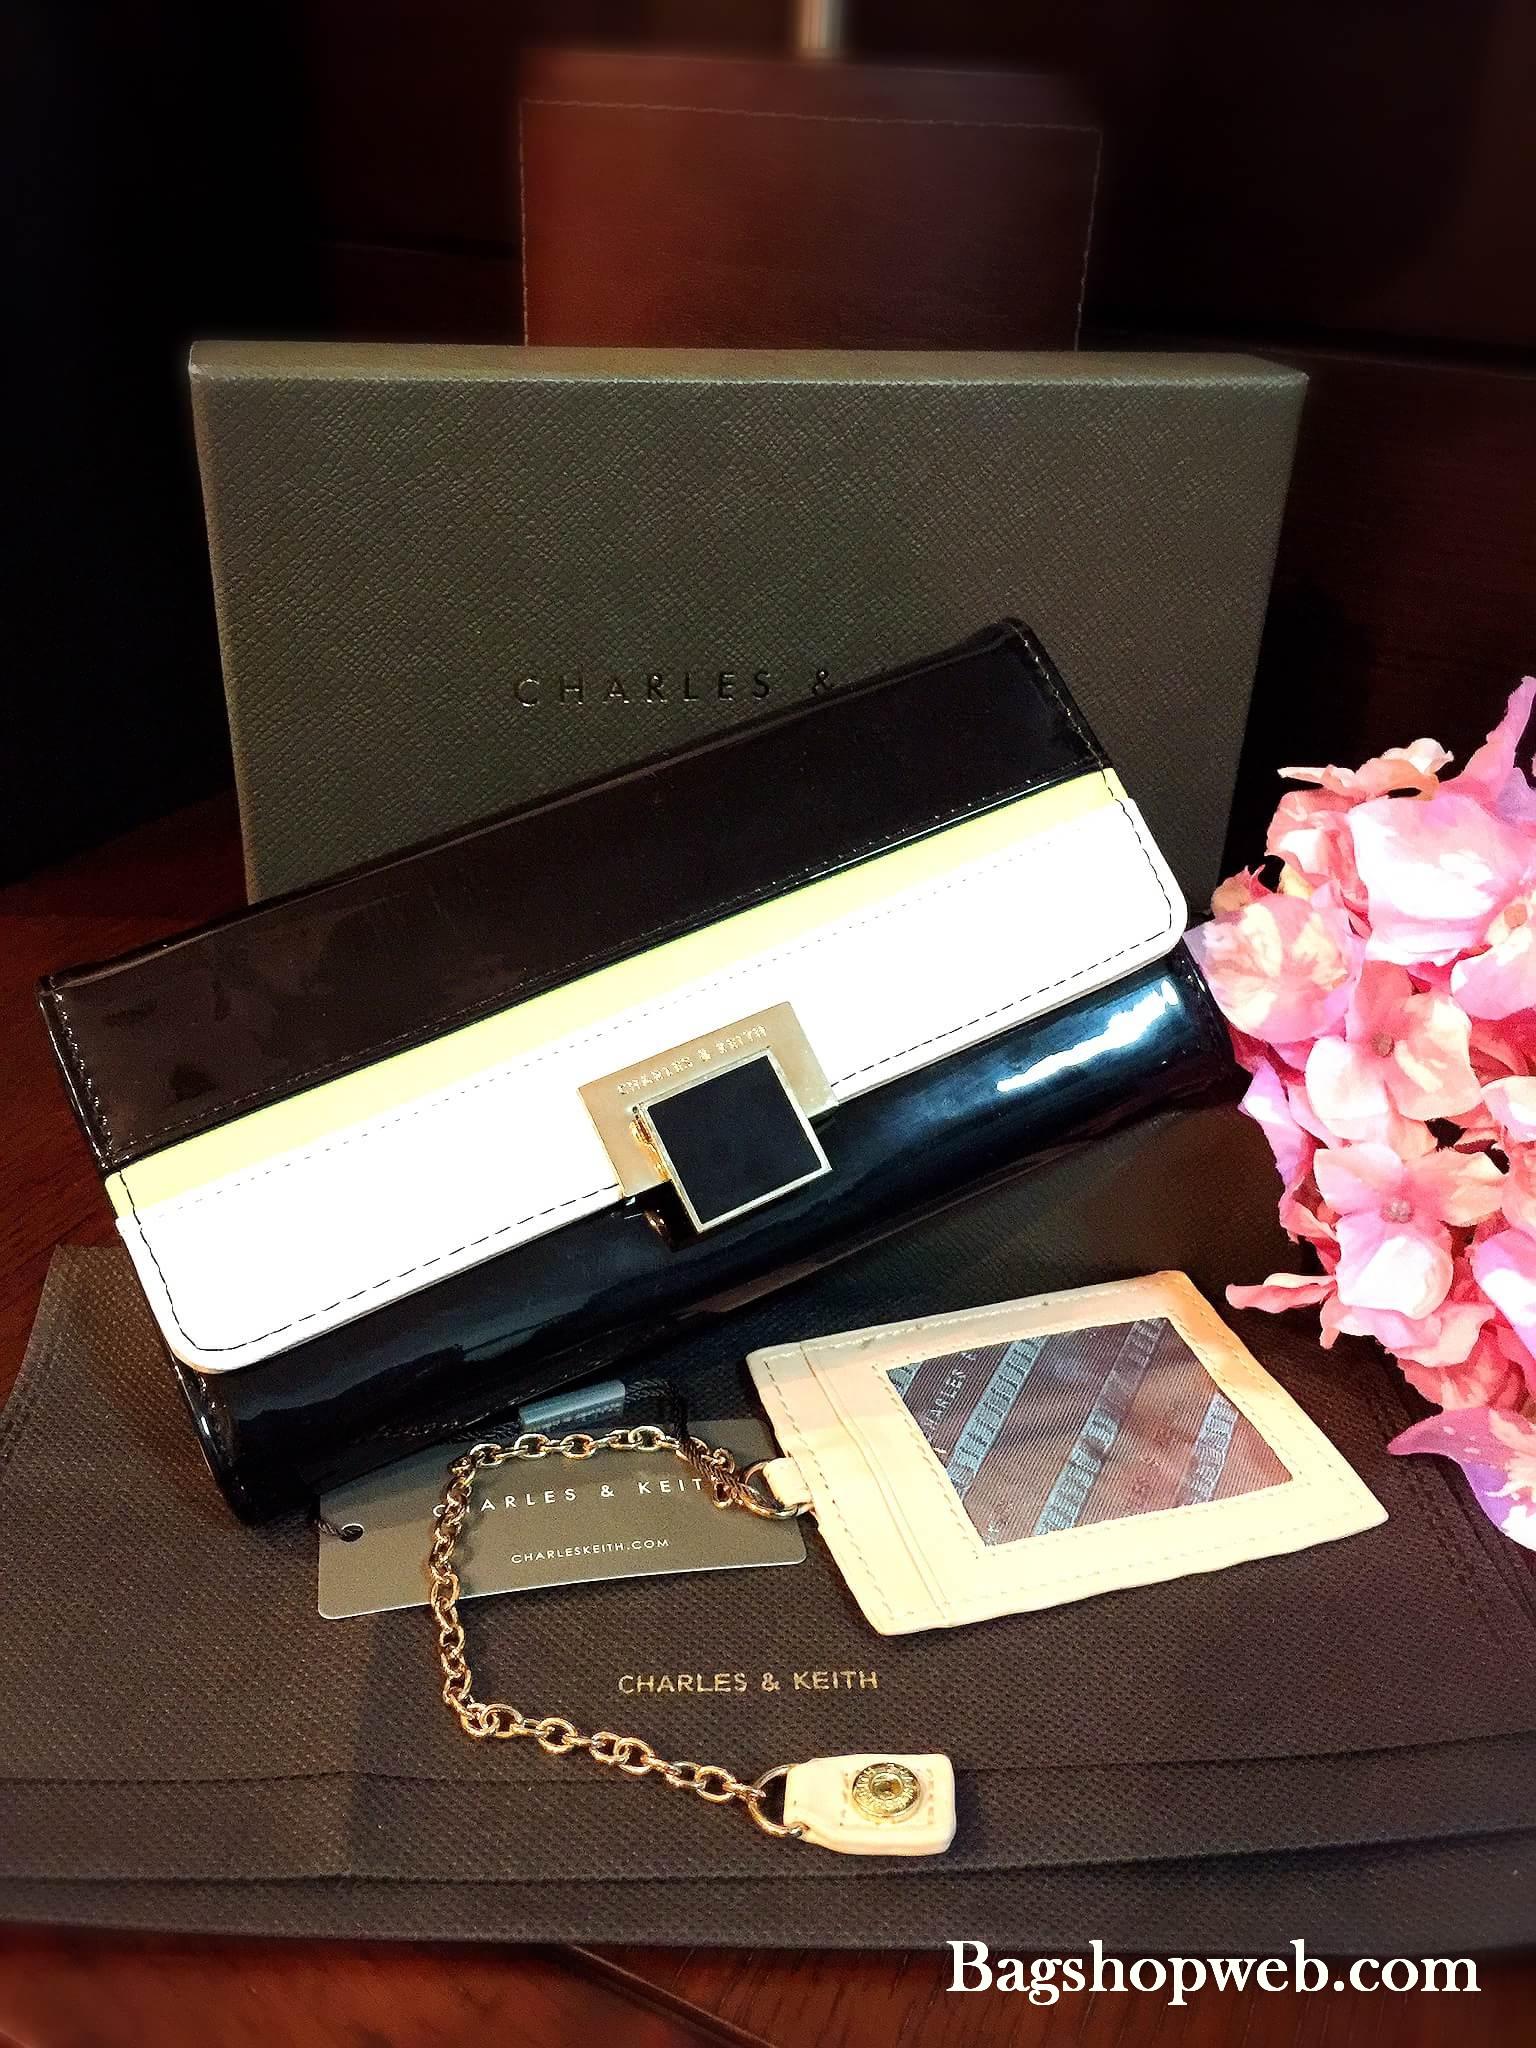 กระเป๋าสตางค์ CHARLES&KEITH Turn-Luck Wallet กระเป๋าสตางค์ใบยาวดีไซน์สวยเปิดปิดด้วยตัวลอคอะไหล่ทองปั้มโลโก้ CK